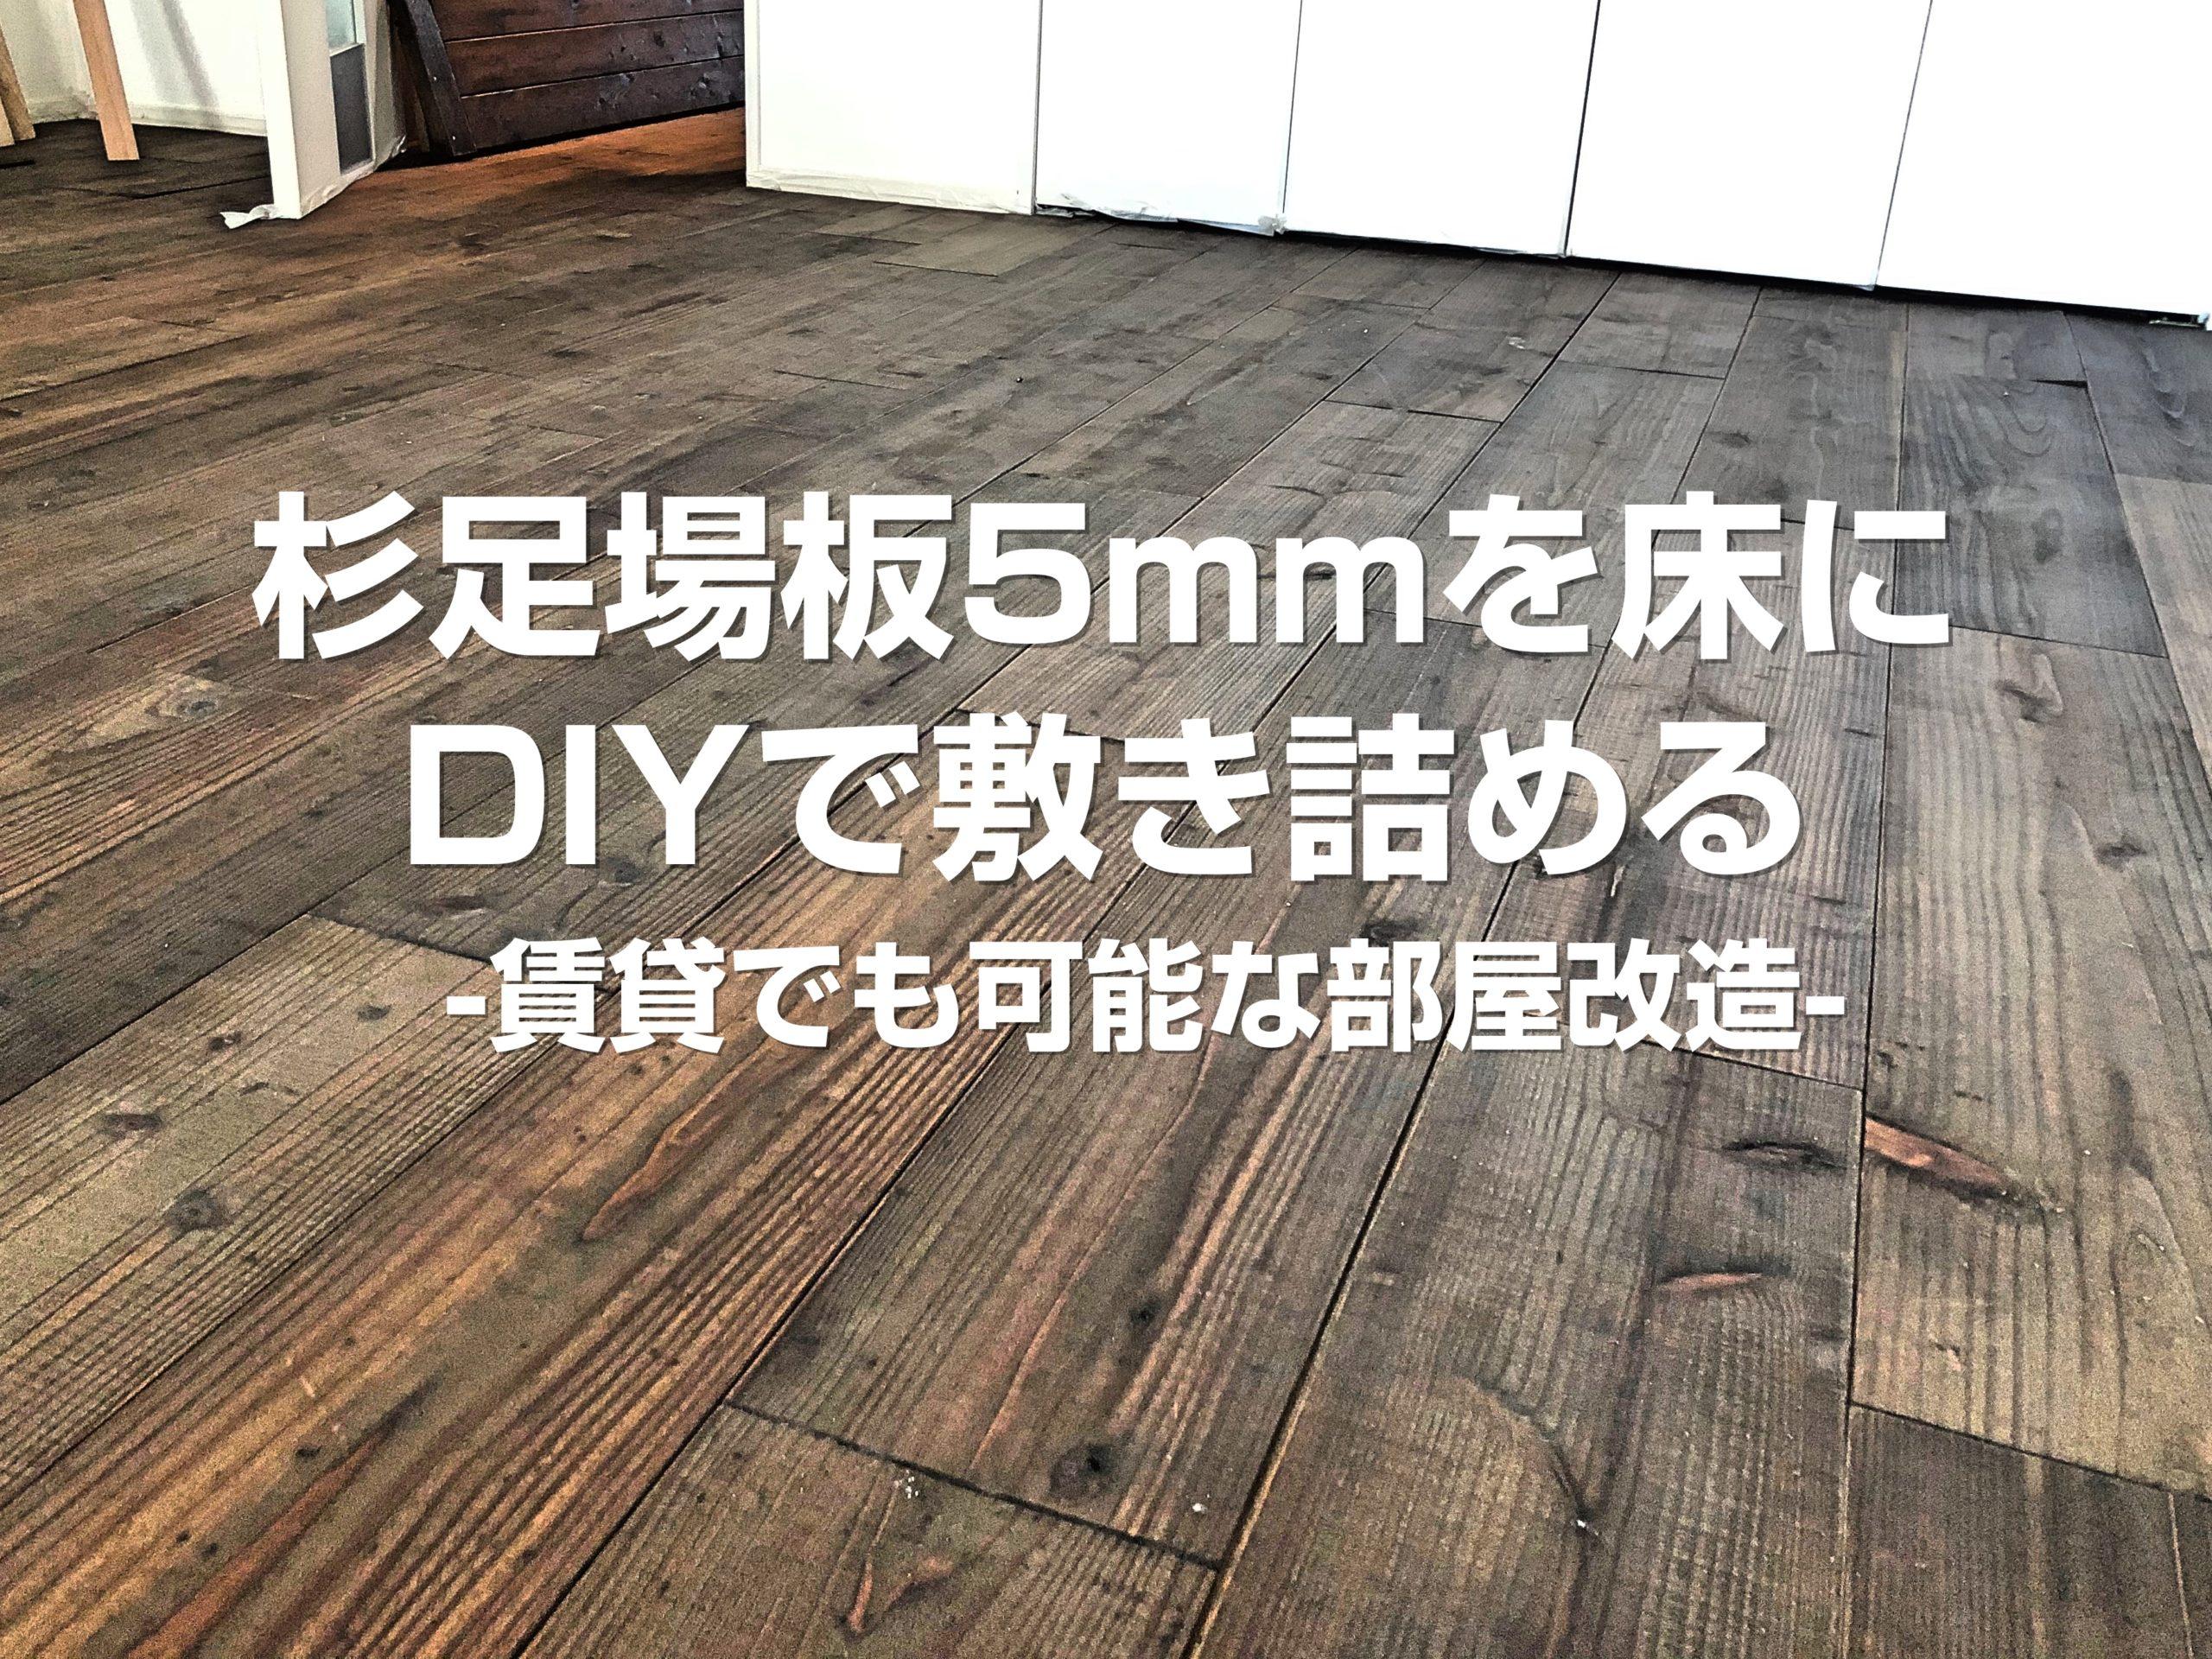 杉足場板5mmを床にDIYで敷き詰める -賃貸でも可能な部屋改造-